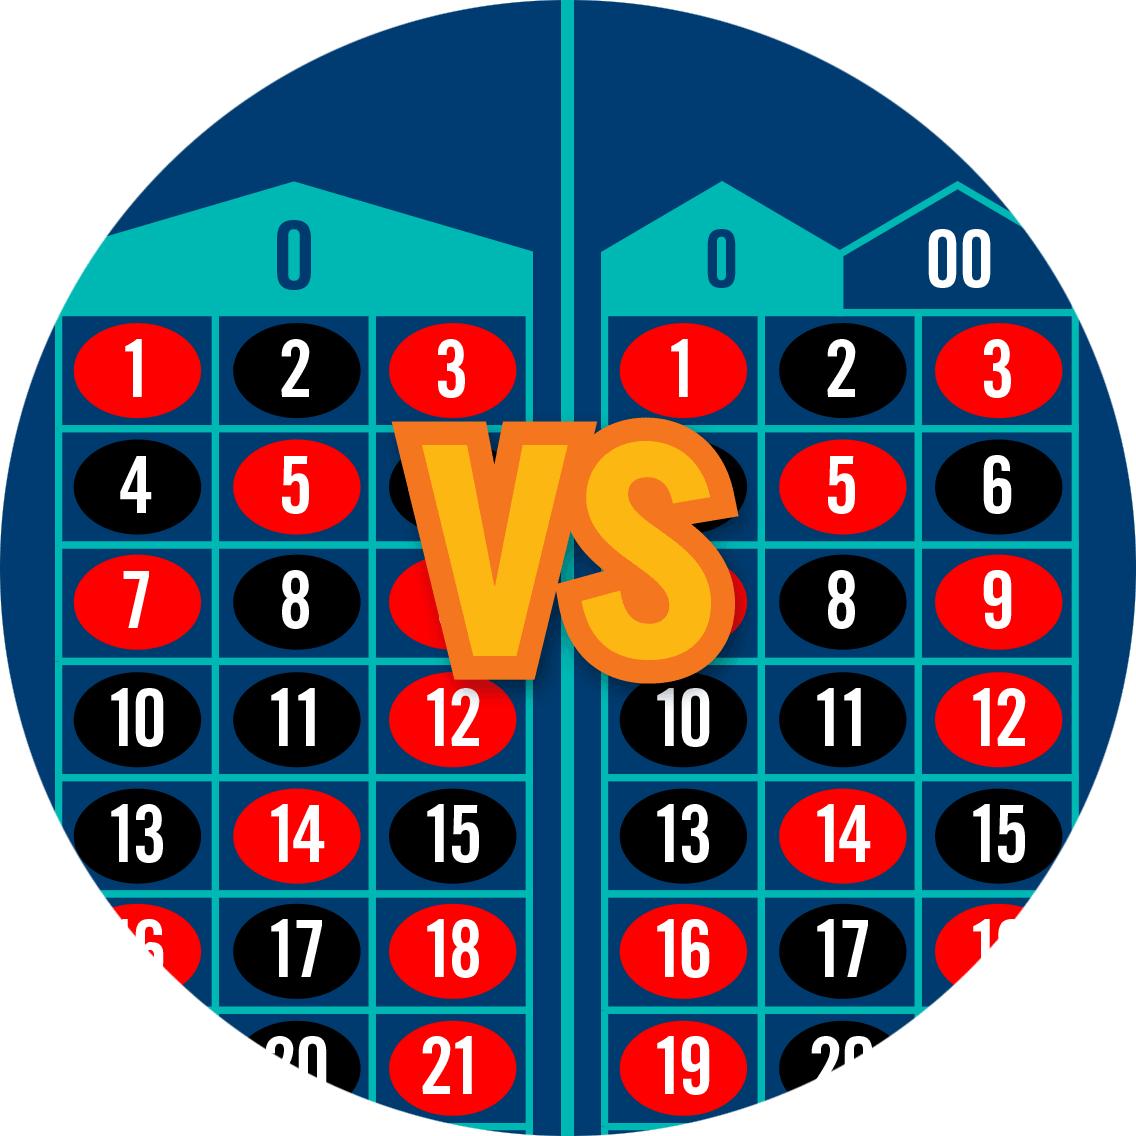 Une table de Roulette européenne comparée à une table de Roulette américaine.